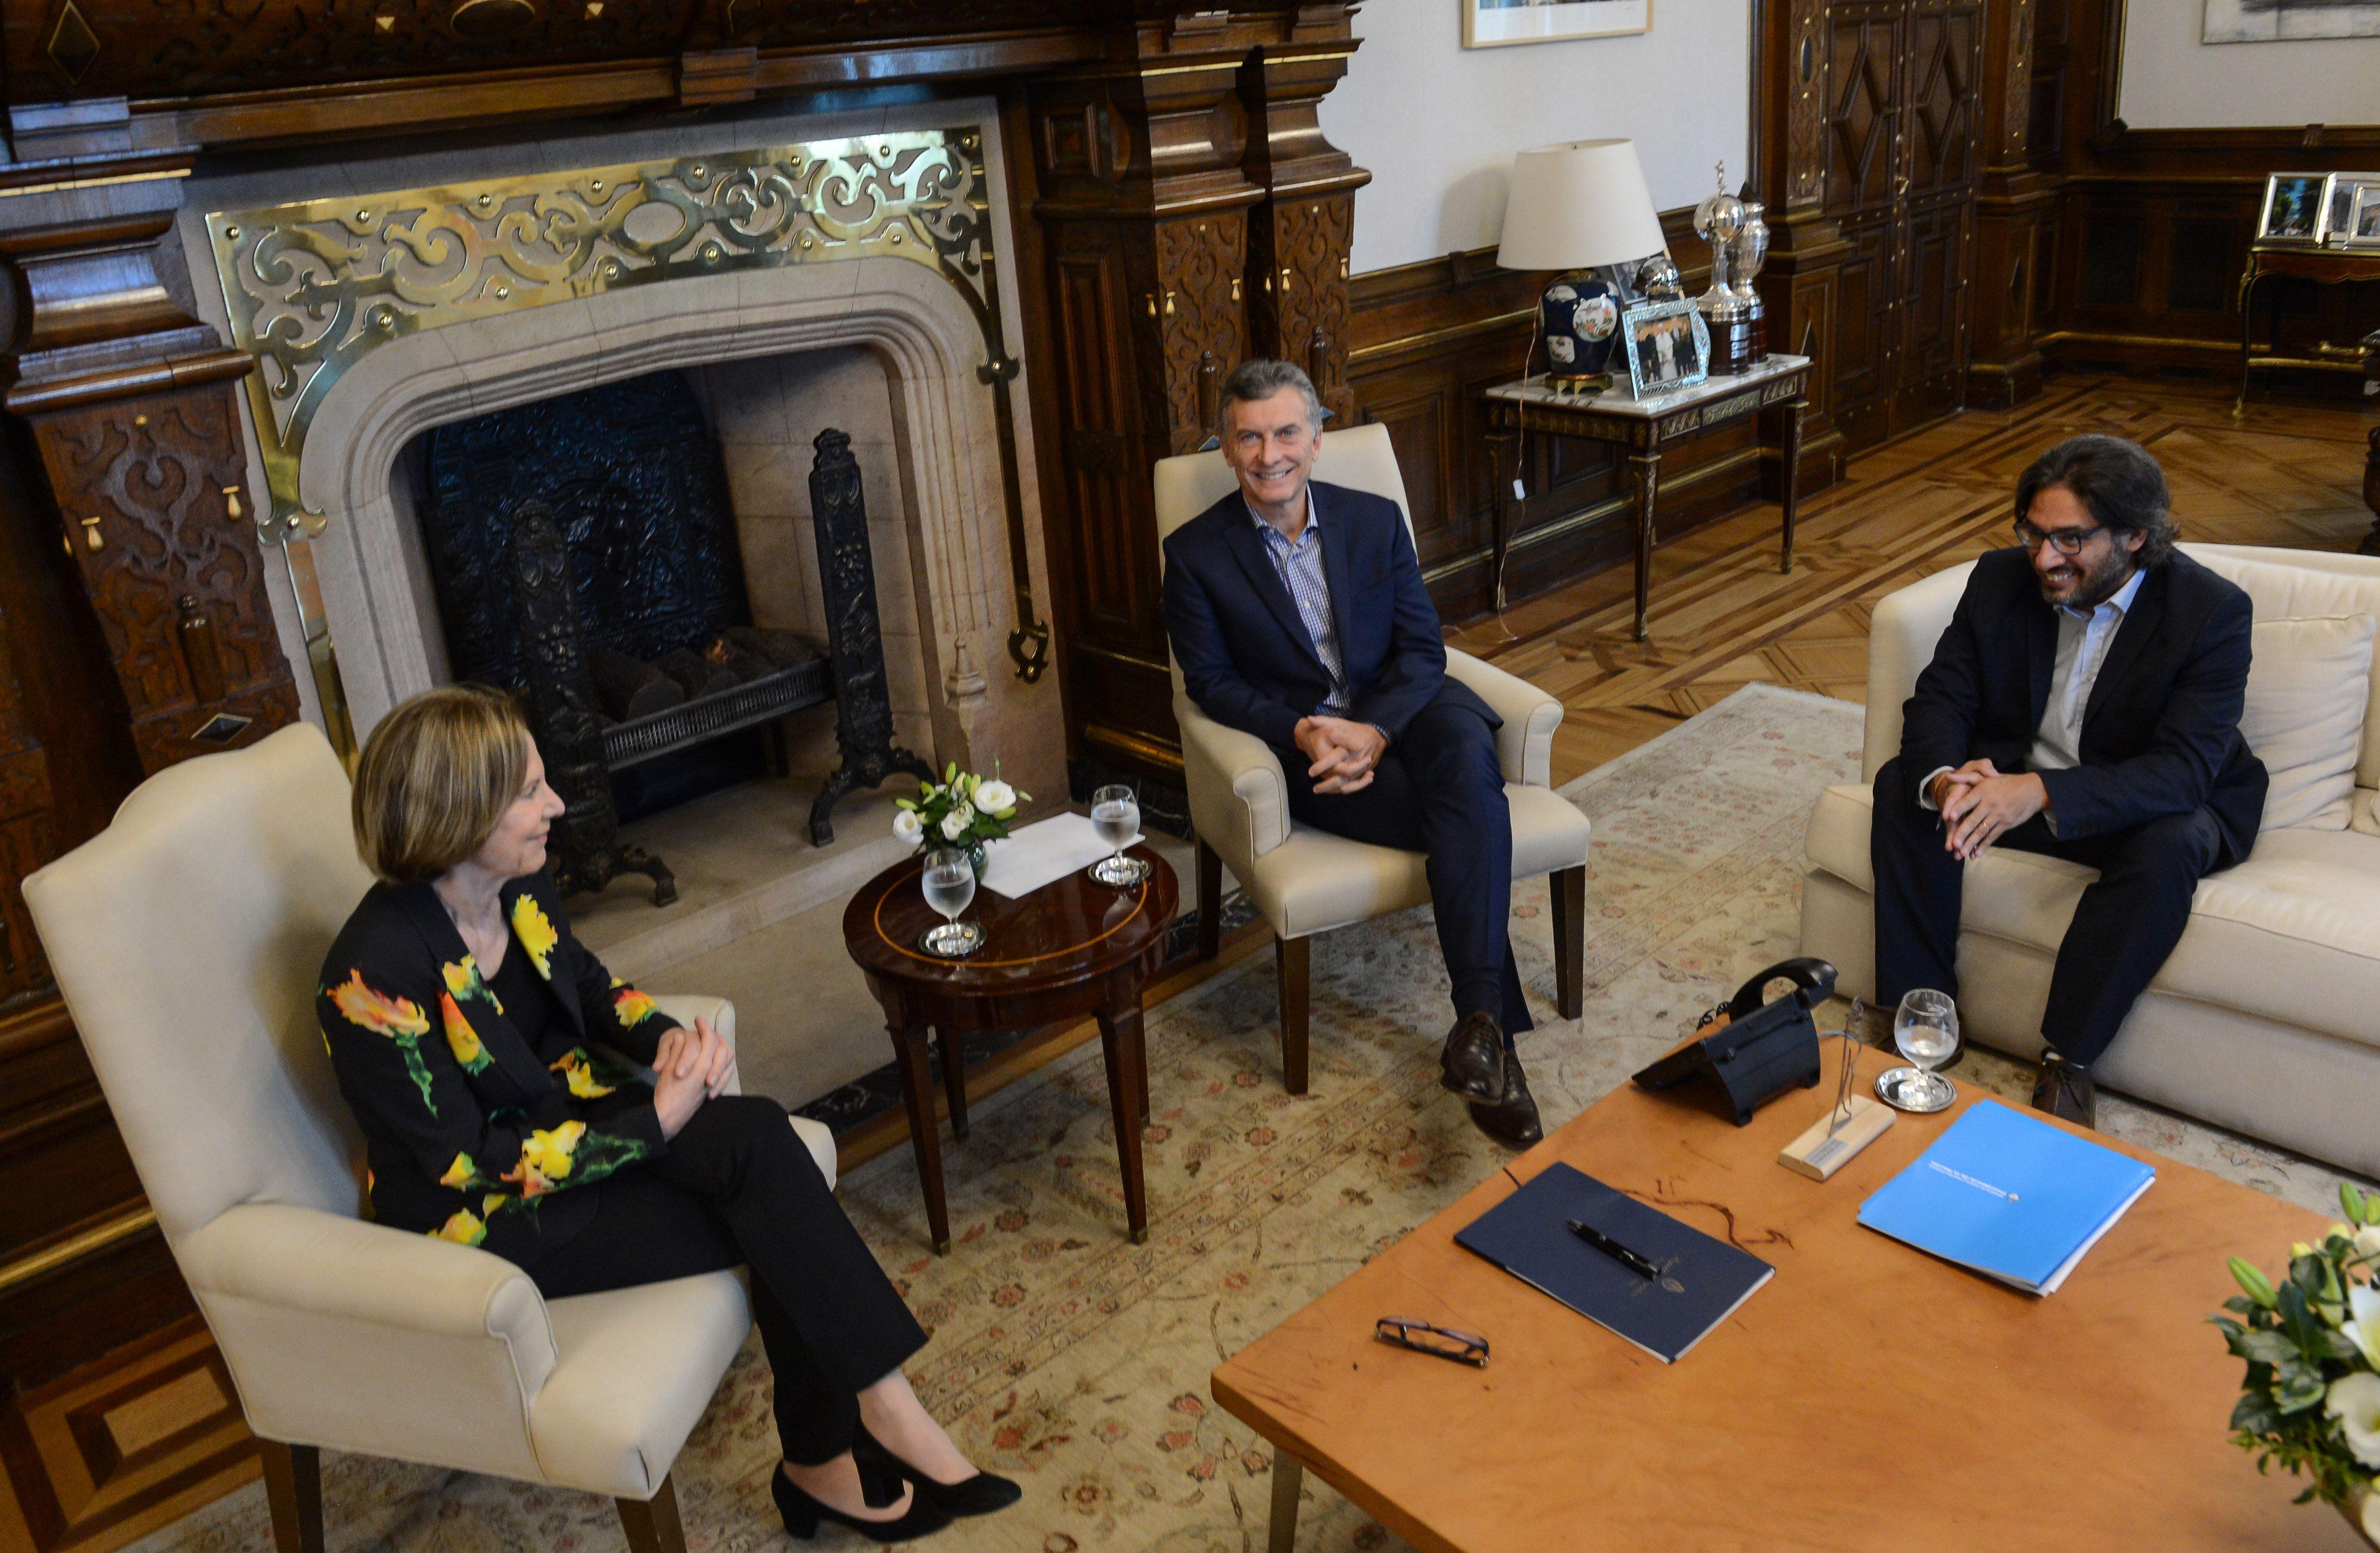 Inés Weinberg de Roca junto con Macri